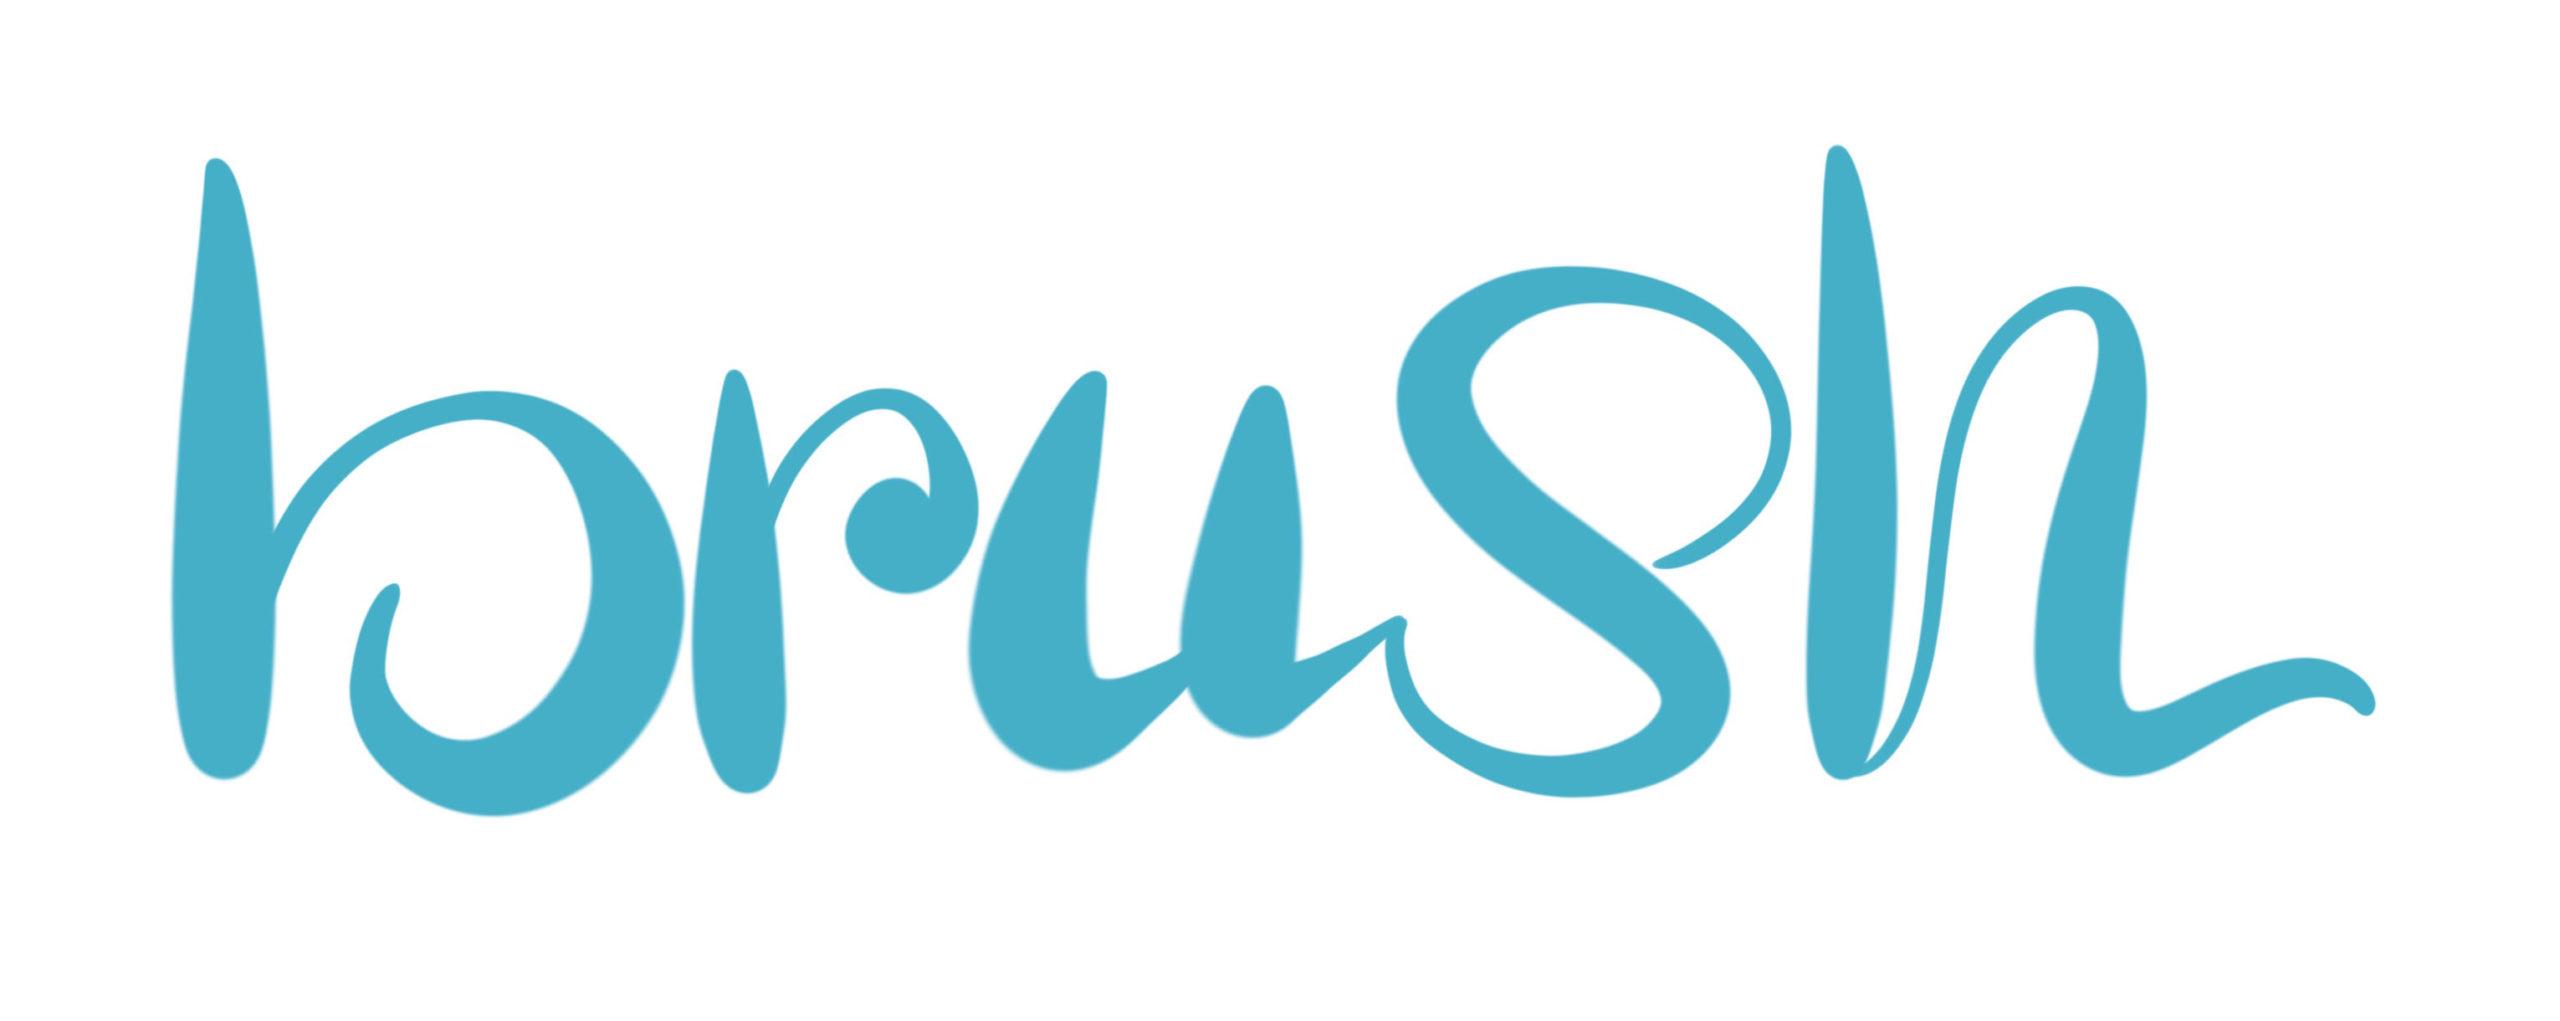 Weitere Brushpen Lettering Variante im Mix aus verbundenen und unverbundenen Brushpen Buchstaben.